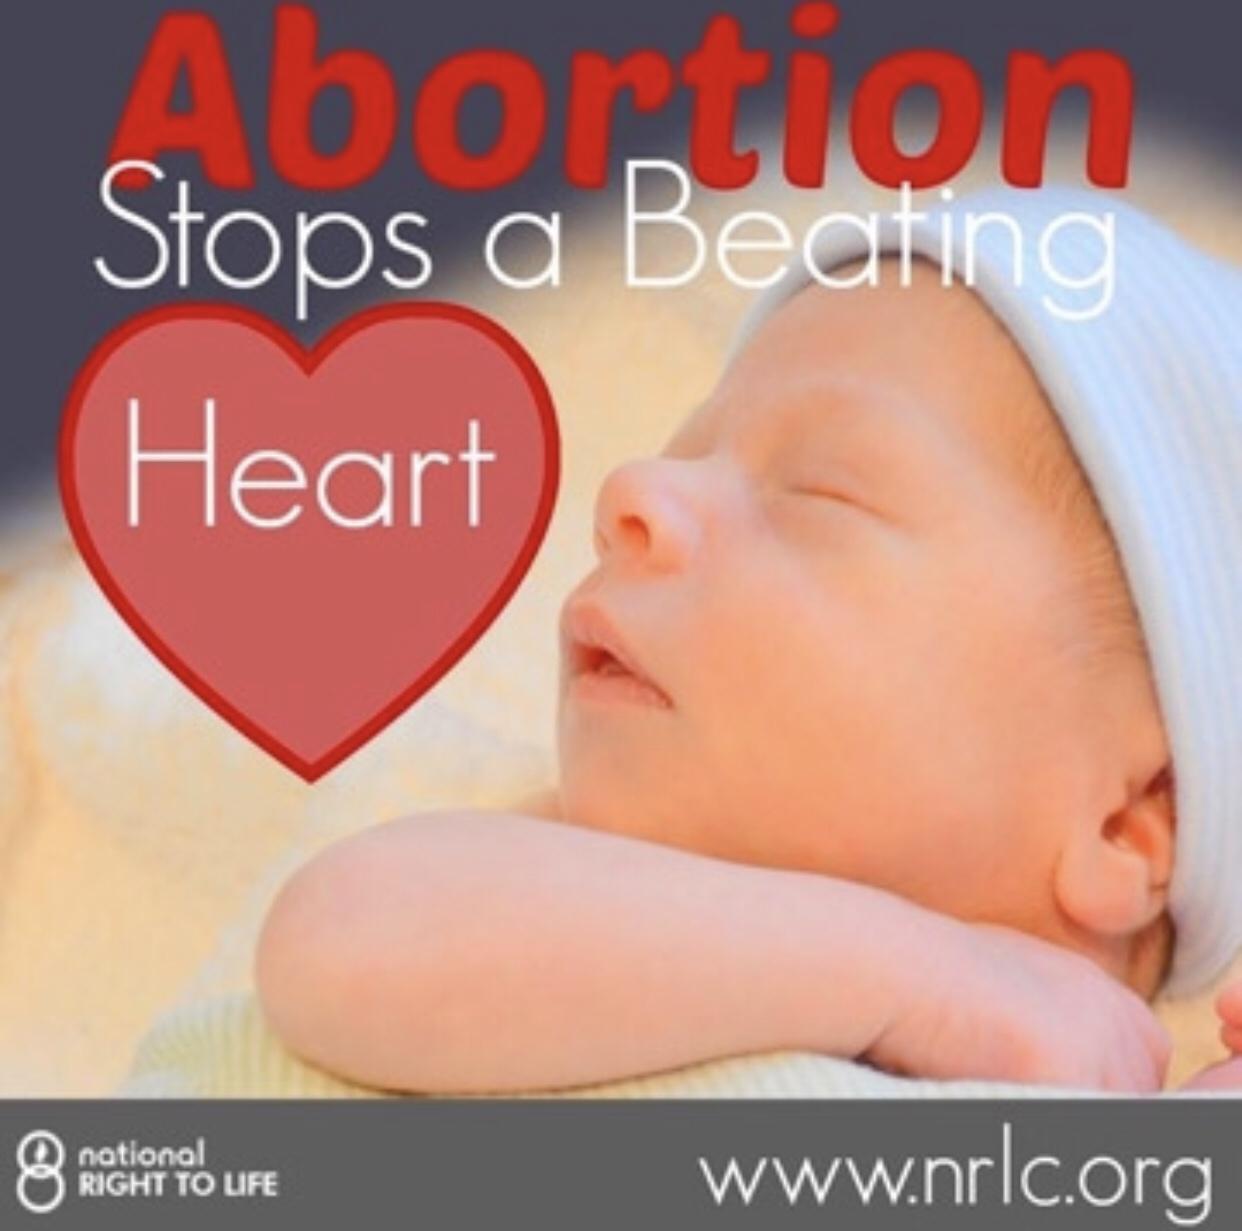 Abortion is Murder